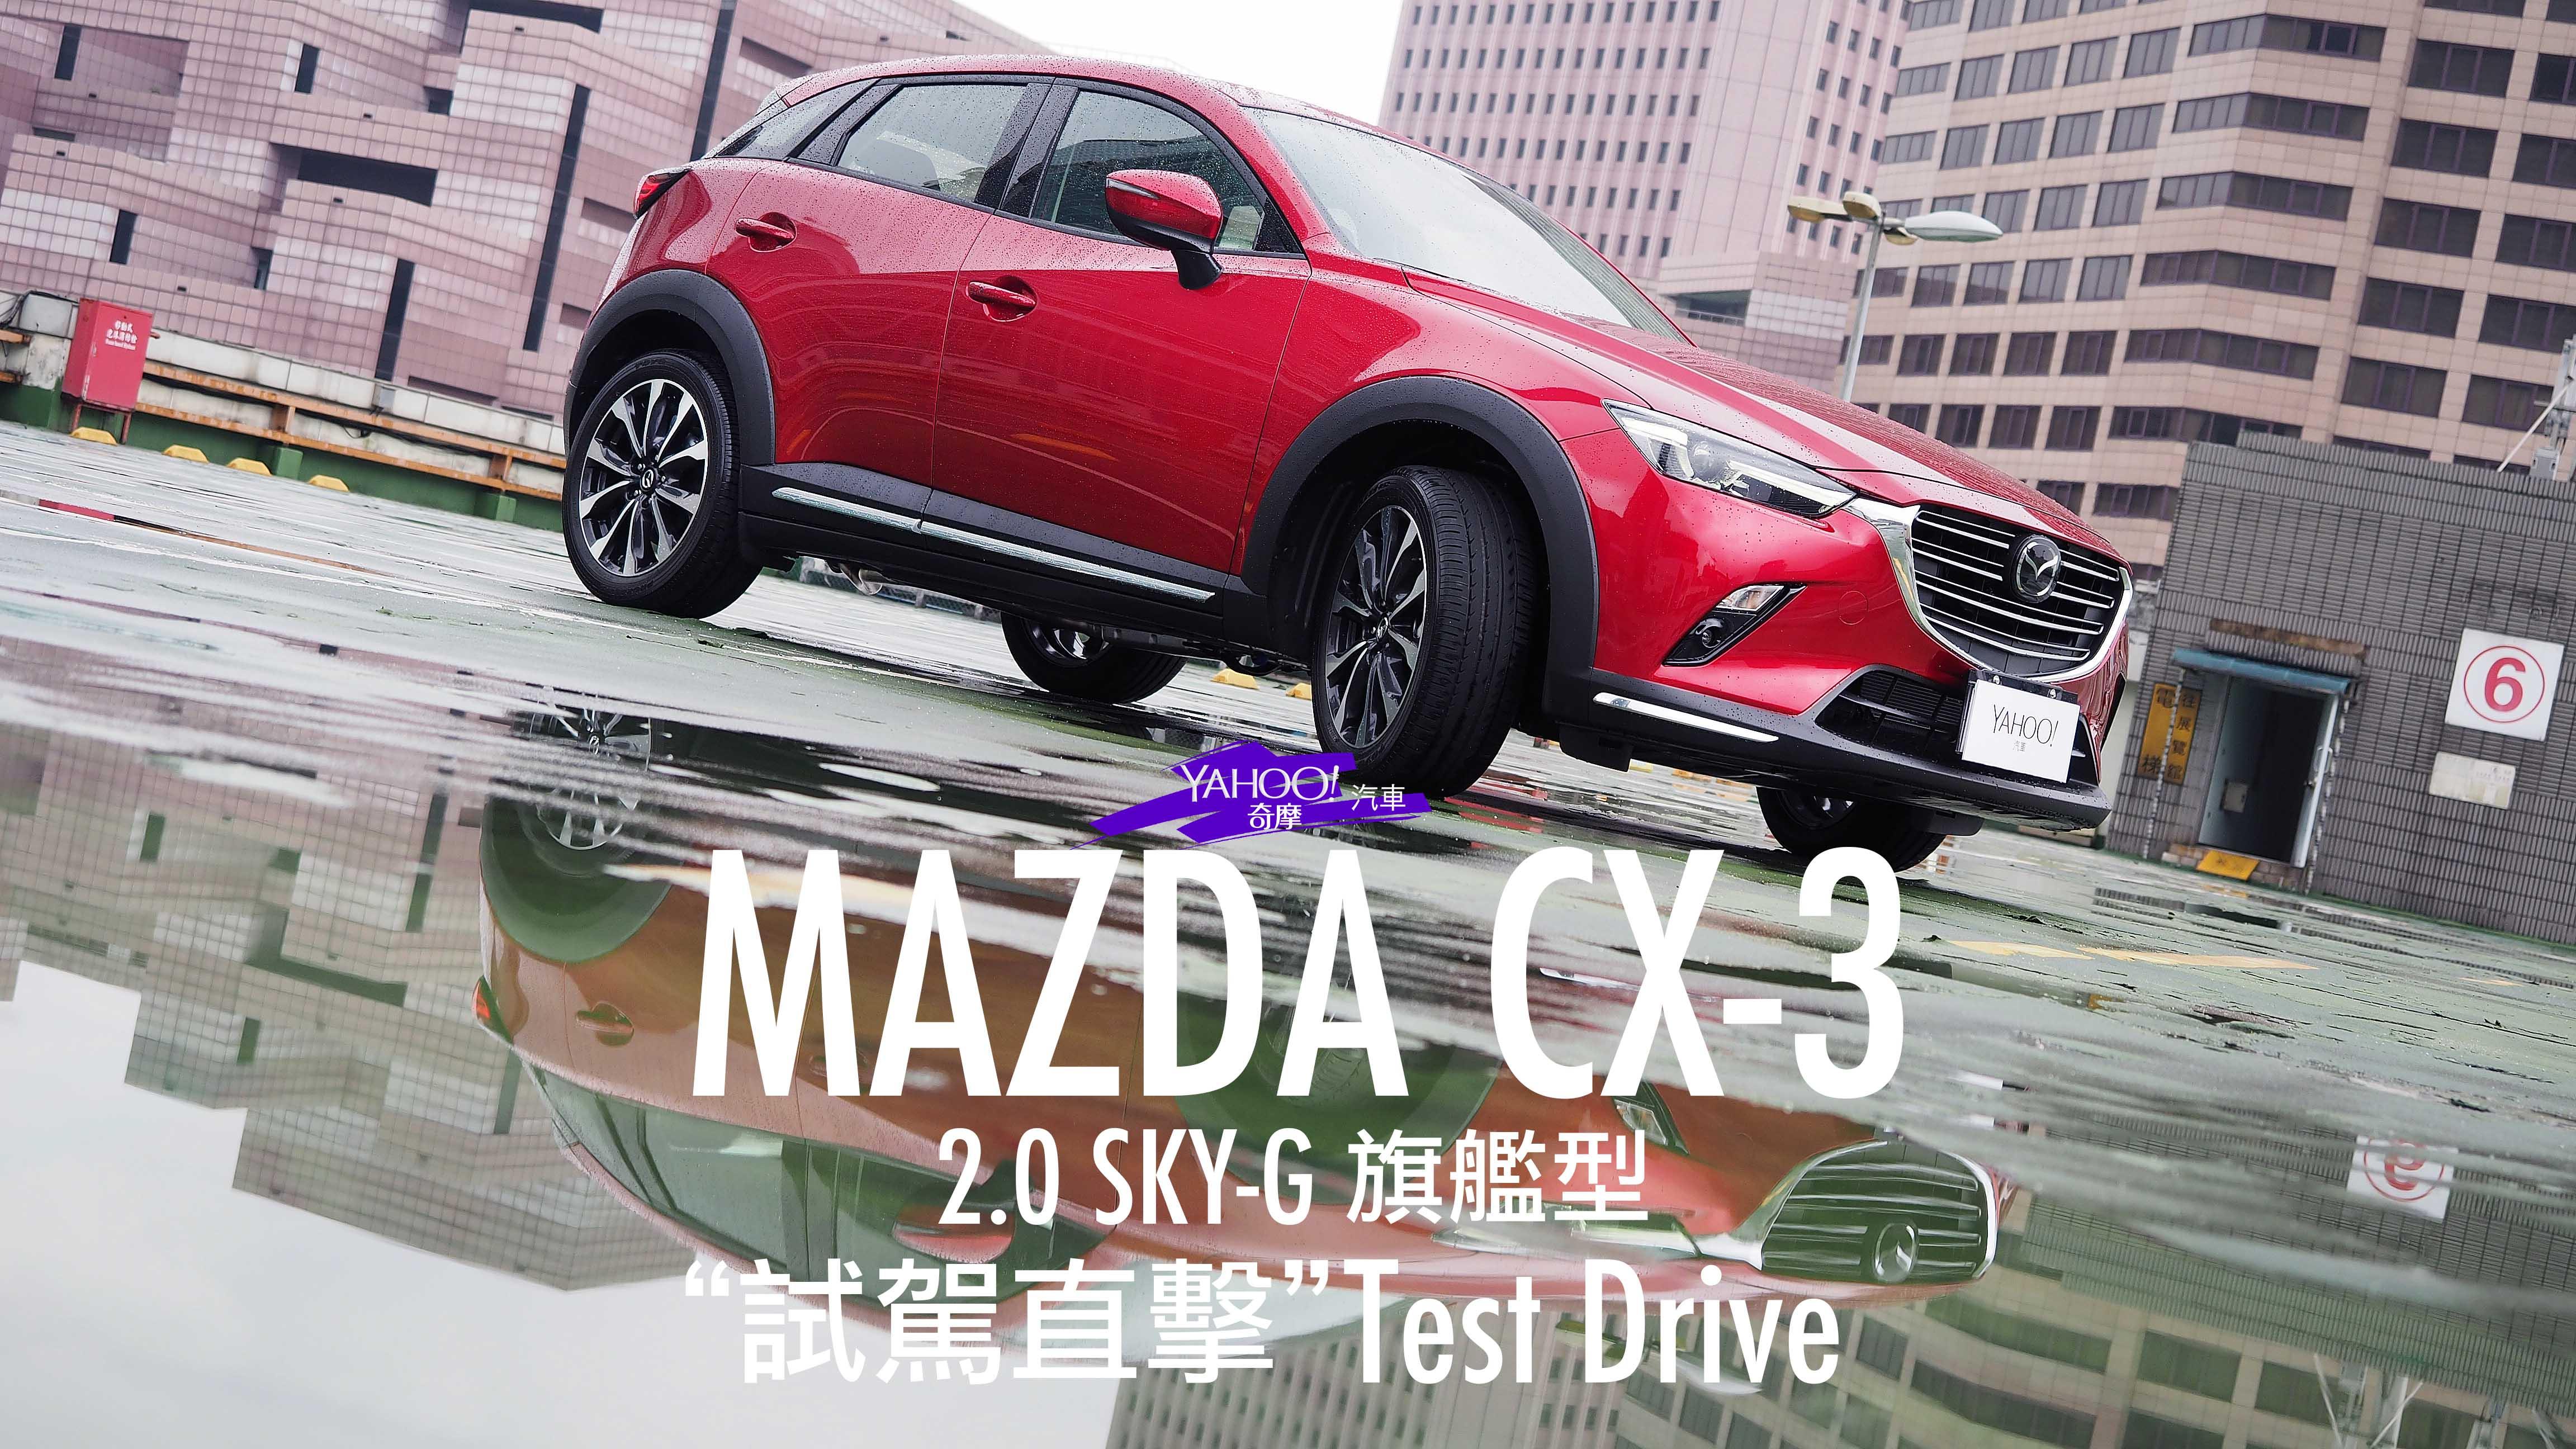 【試駕直擊】在城市間來場魂動輕旅行吧!2018 Mazda小改款CX-3旗艦型試駕